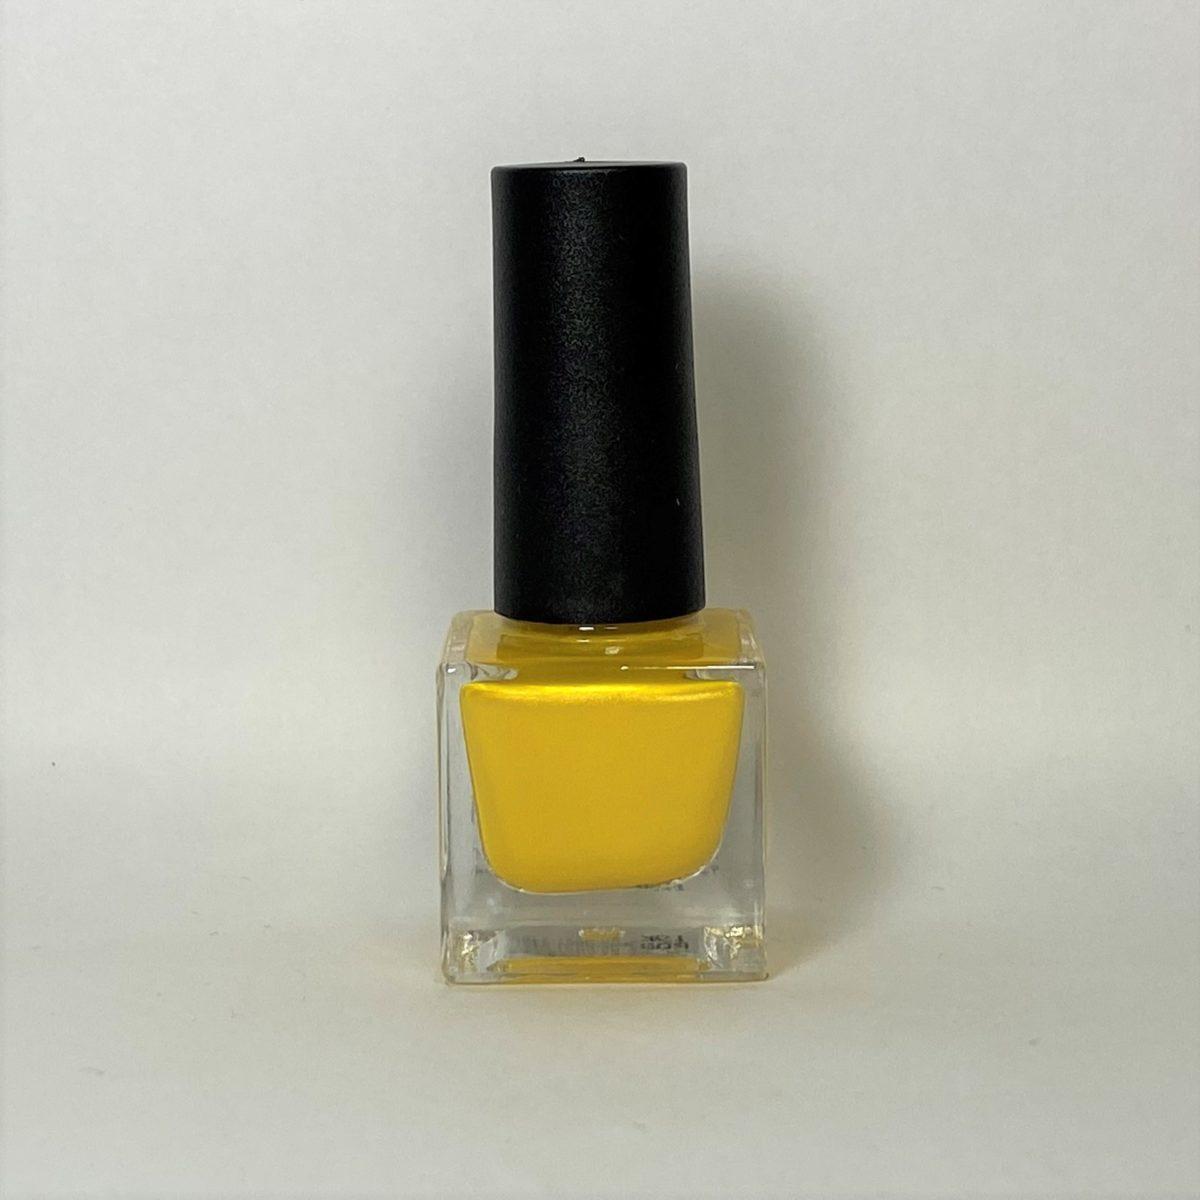 ネイルポリッシュ R08 Yellow